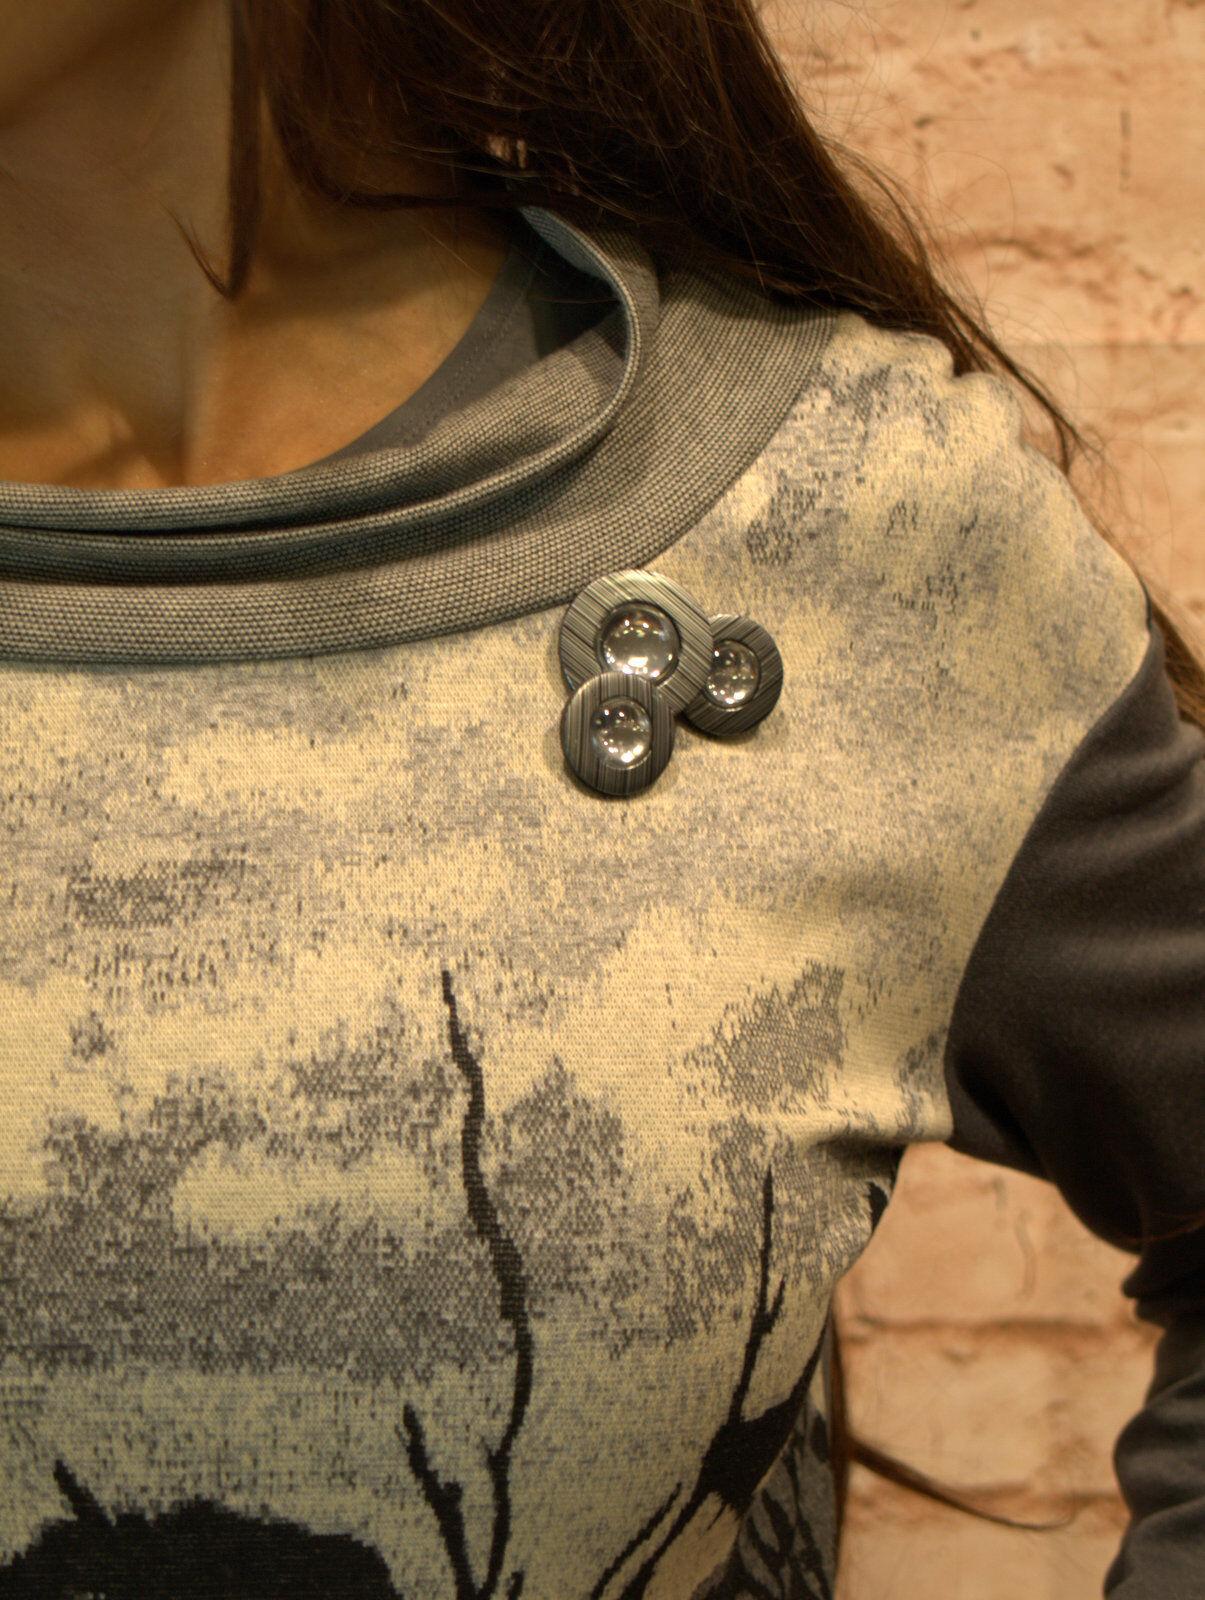 Blause Tunika Oberteil Damen Pulli Langrm Shirt Shirt Shirt Gr. 40 42 44 46 48 grau | Sehr gelobt und vom Publikum der Verbraucher geschätzt  | Elegant  | König der Quantität  714506